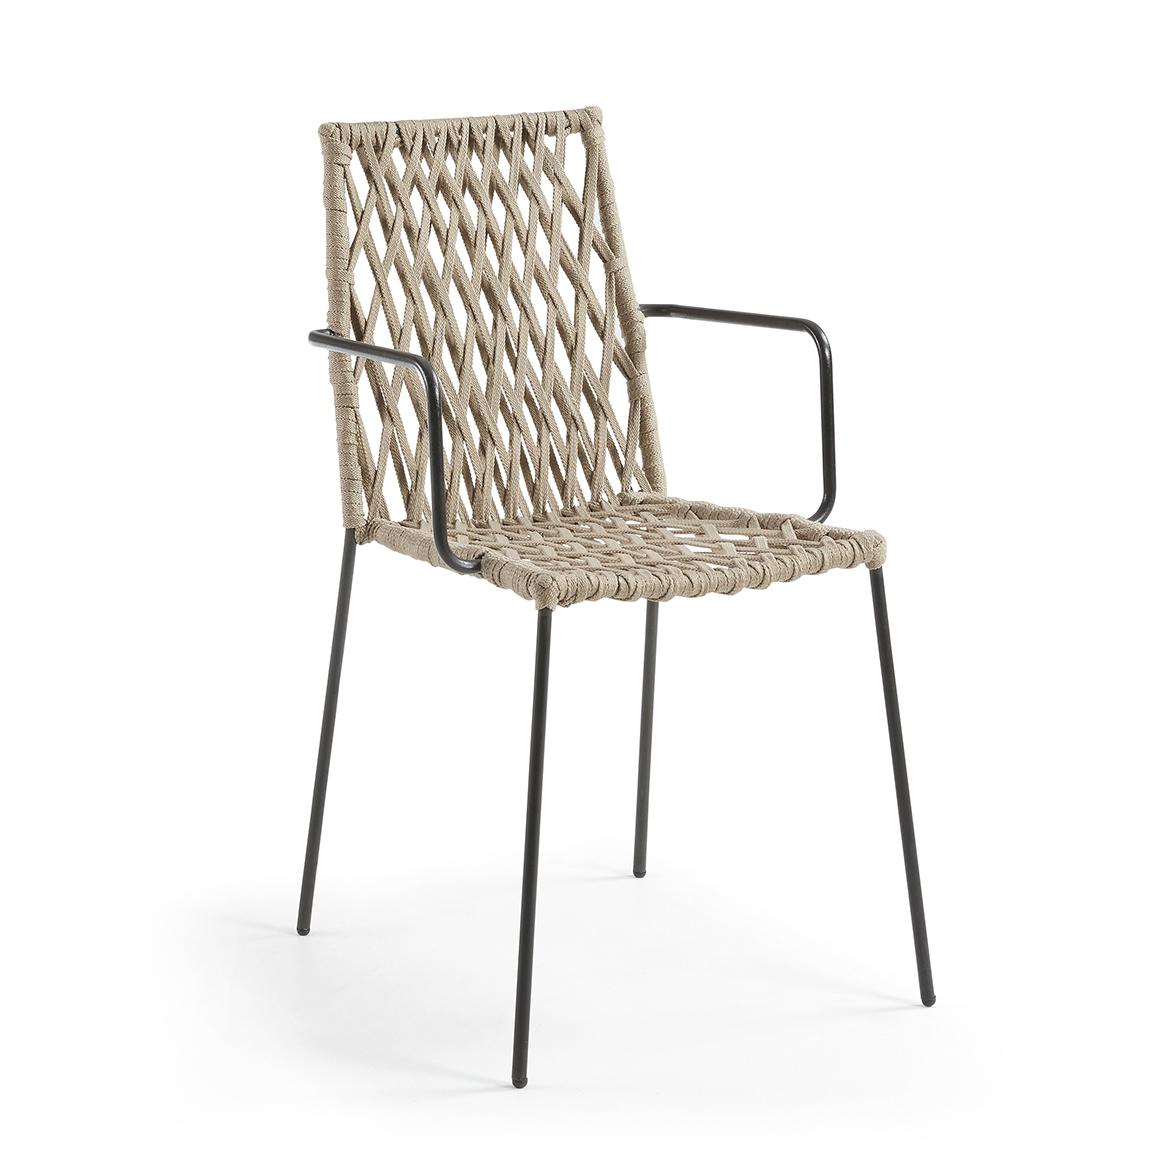 Presenta las sillas de exterior bizzarre for Sillas exterior diseno